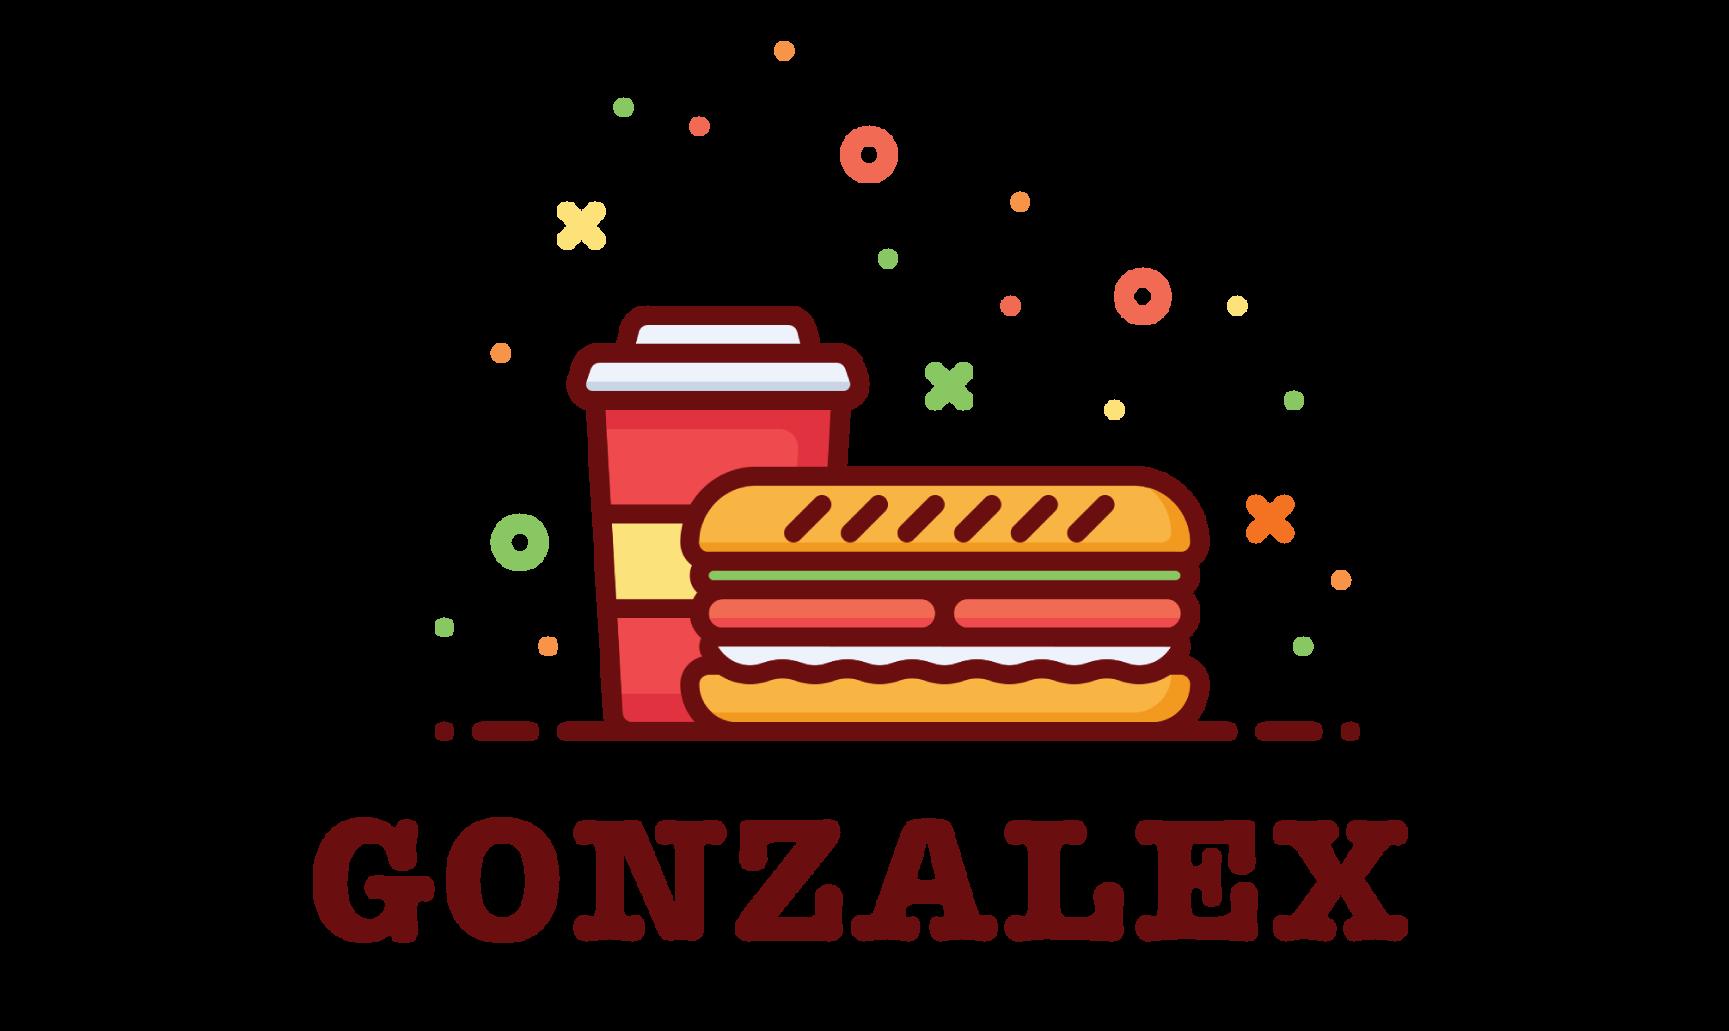 gonzalex-01